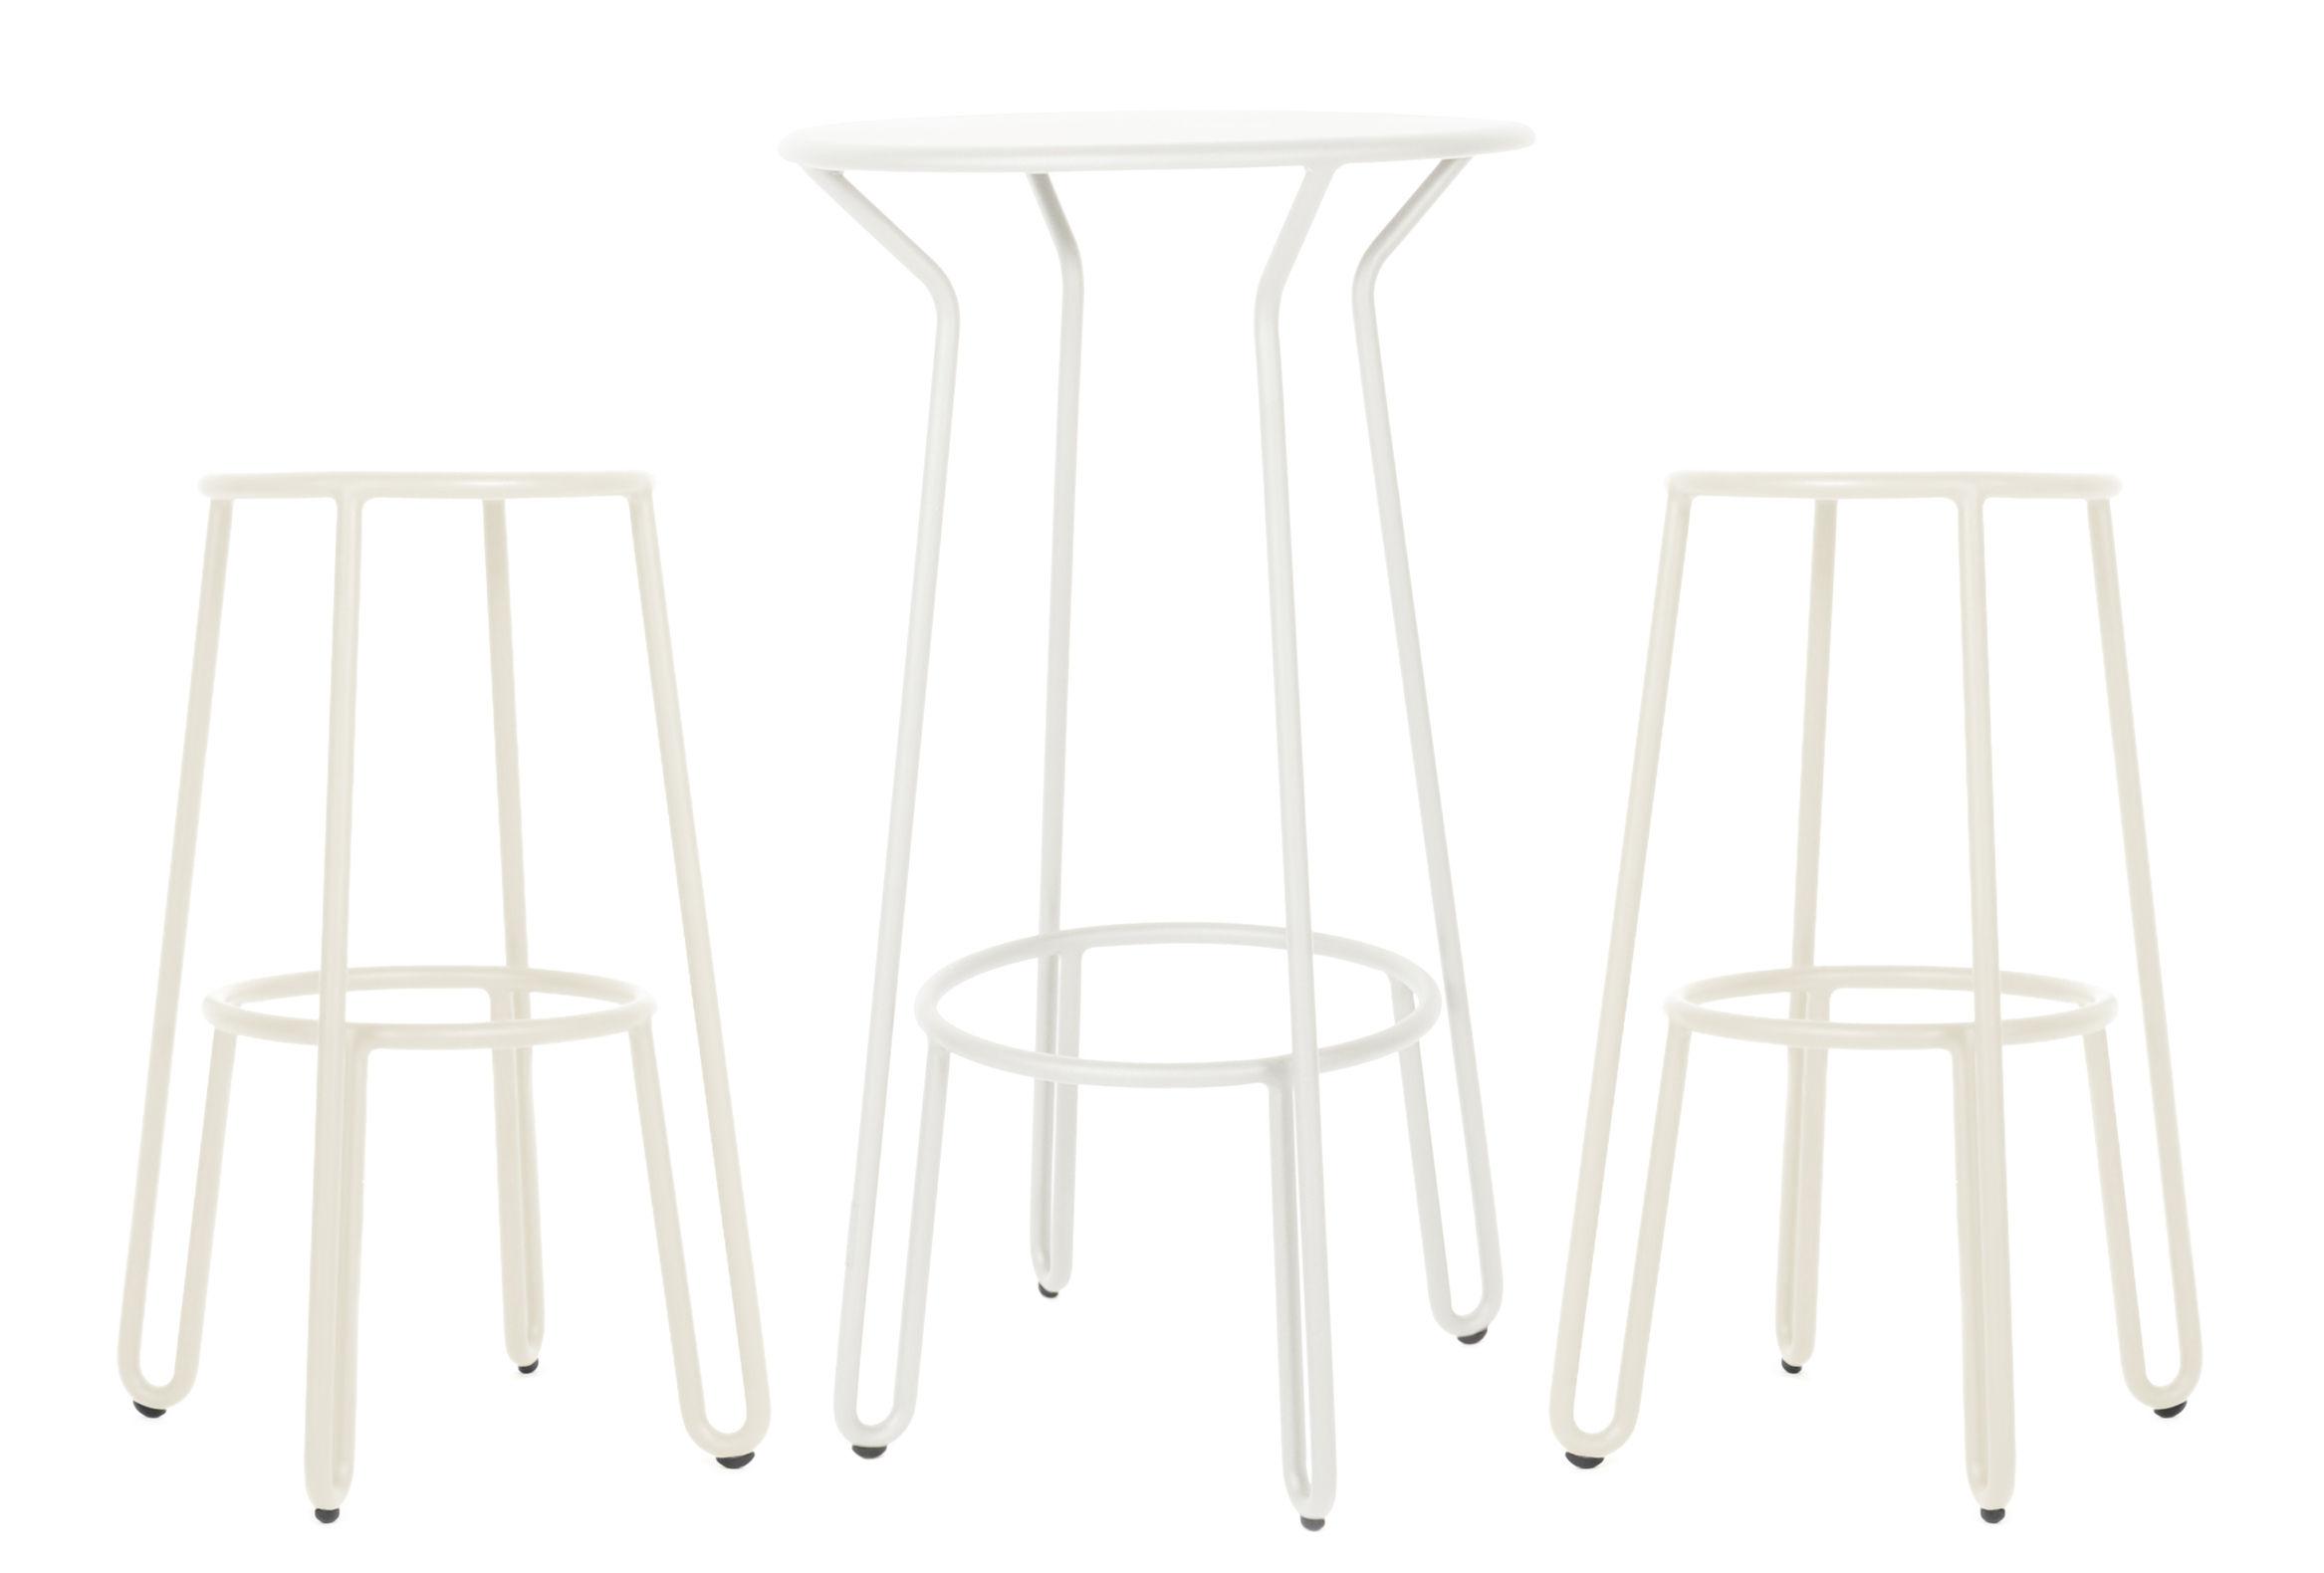 Möbel - Barhocker - Huggy Stehtisch / + 2 Barhocker H 75 cm - Maiori - Weiß - Aluminium laqué époxy